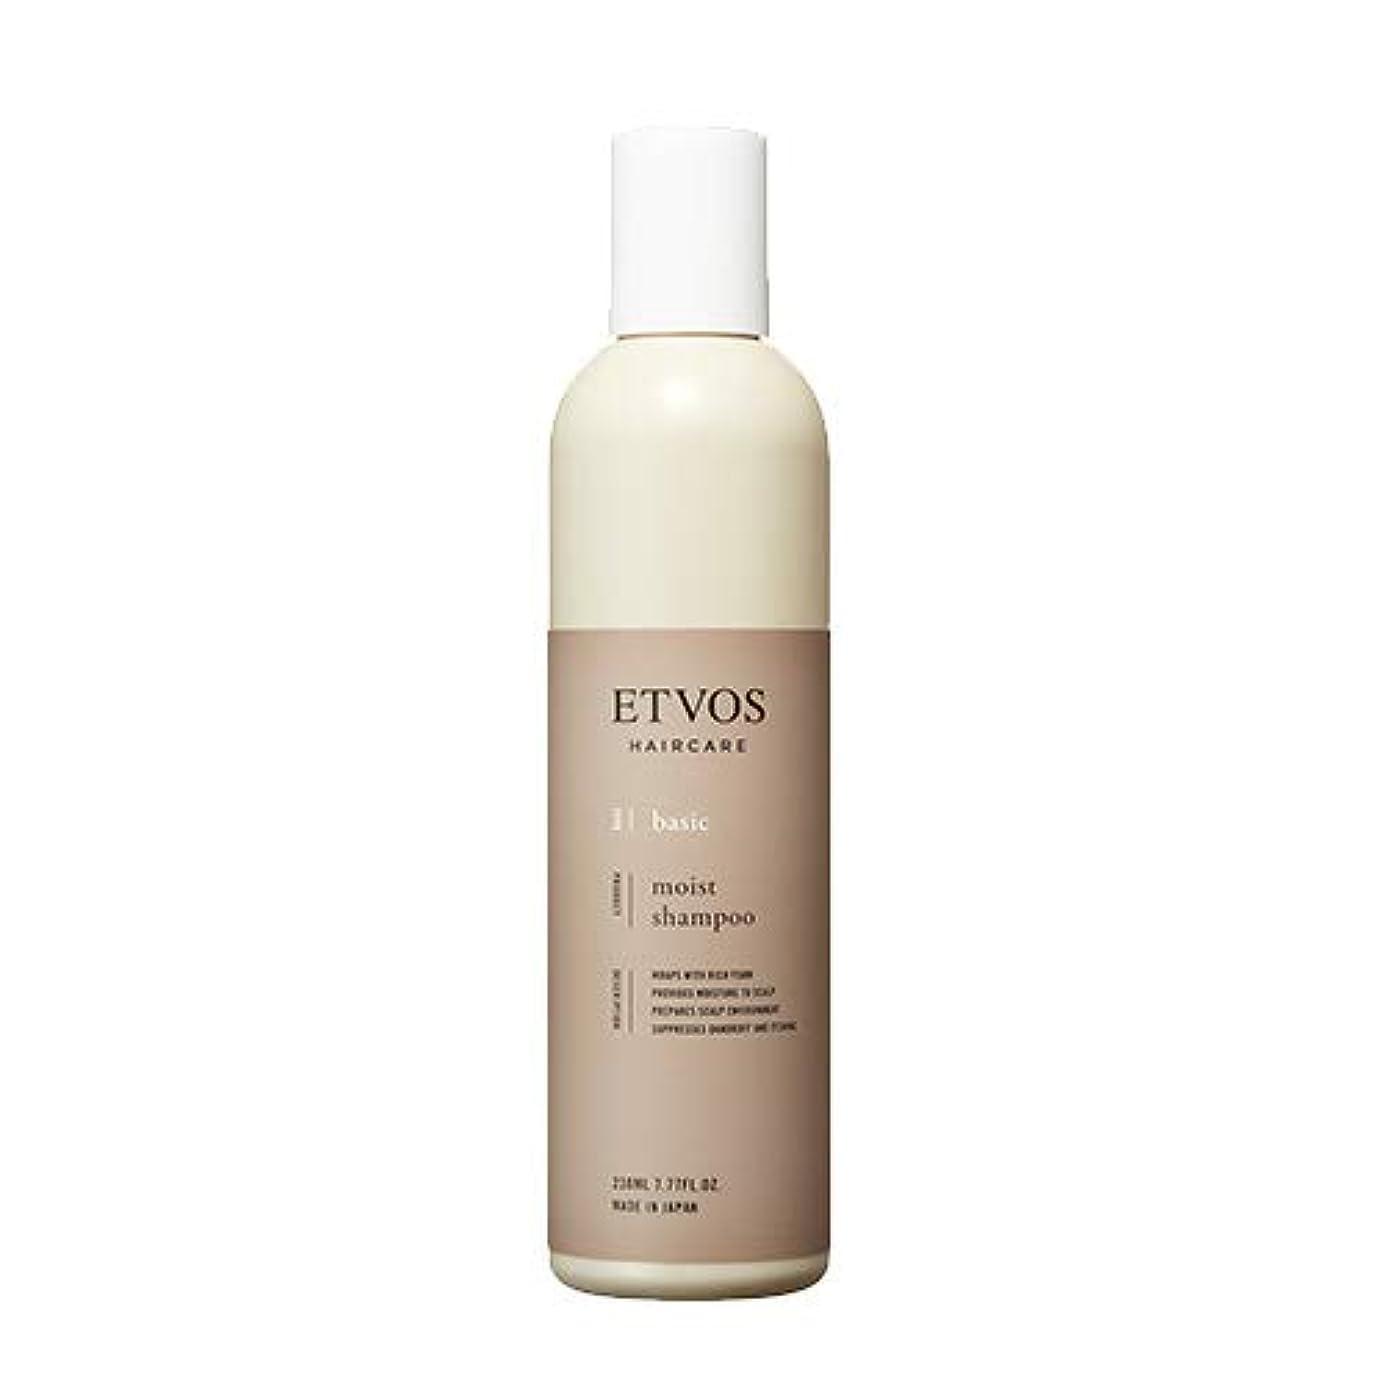 極貧性能口頭ETVOS(エトヴォス) モイストシャンプー 230ml ノンシリコン/アミノ酸系/弱酸性/保湿 乾燥/フケ/かゆみ対策